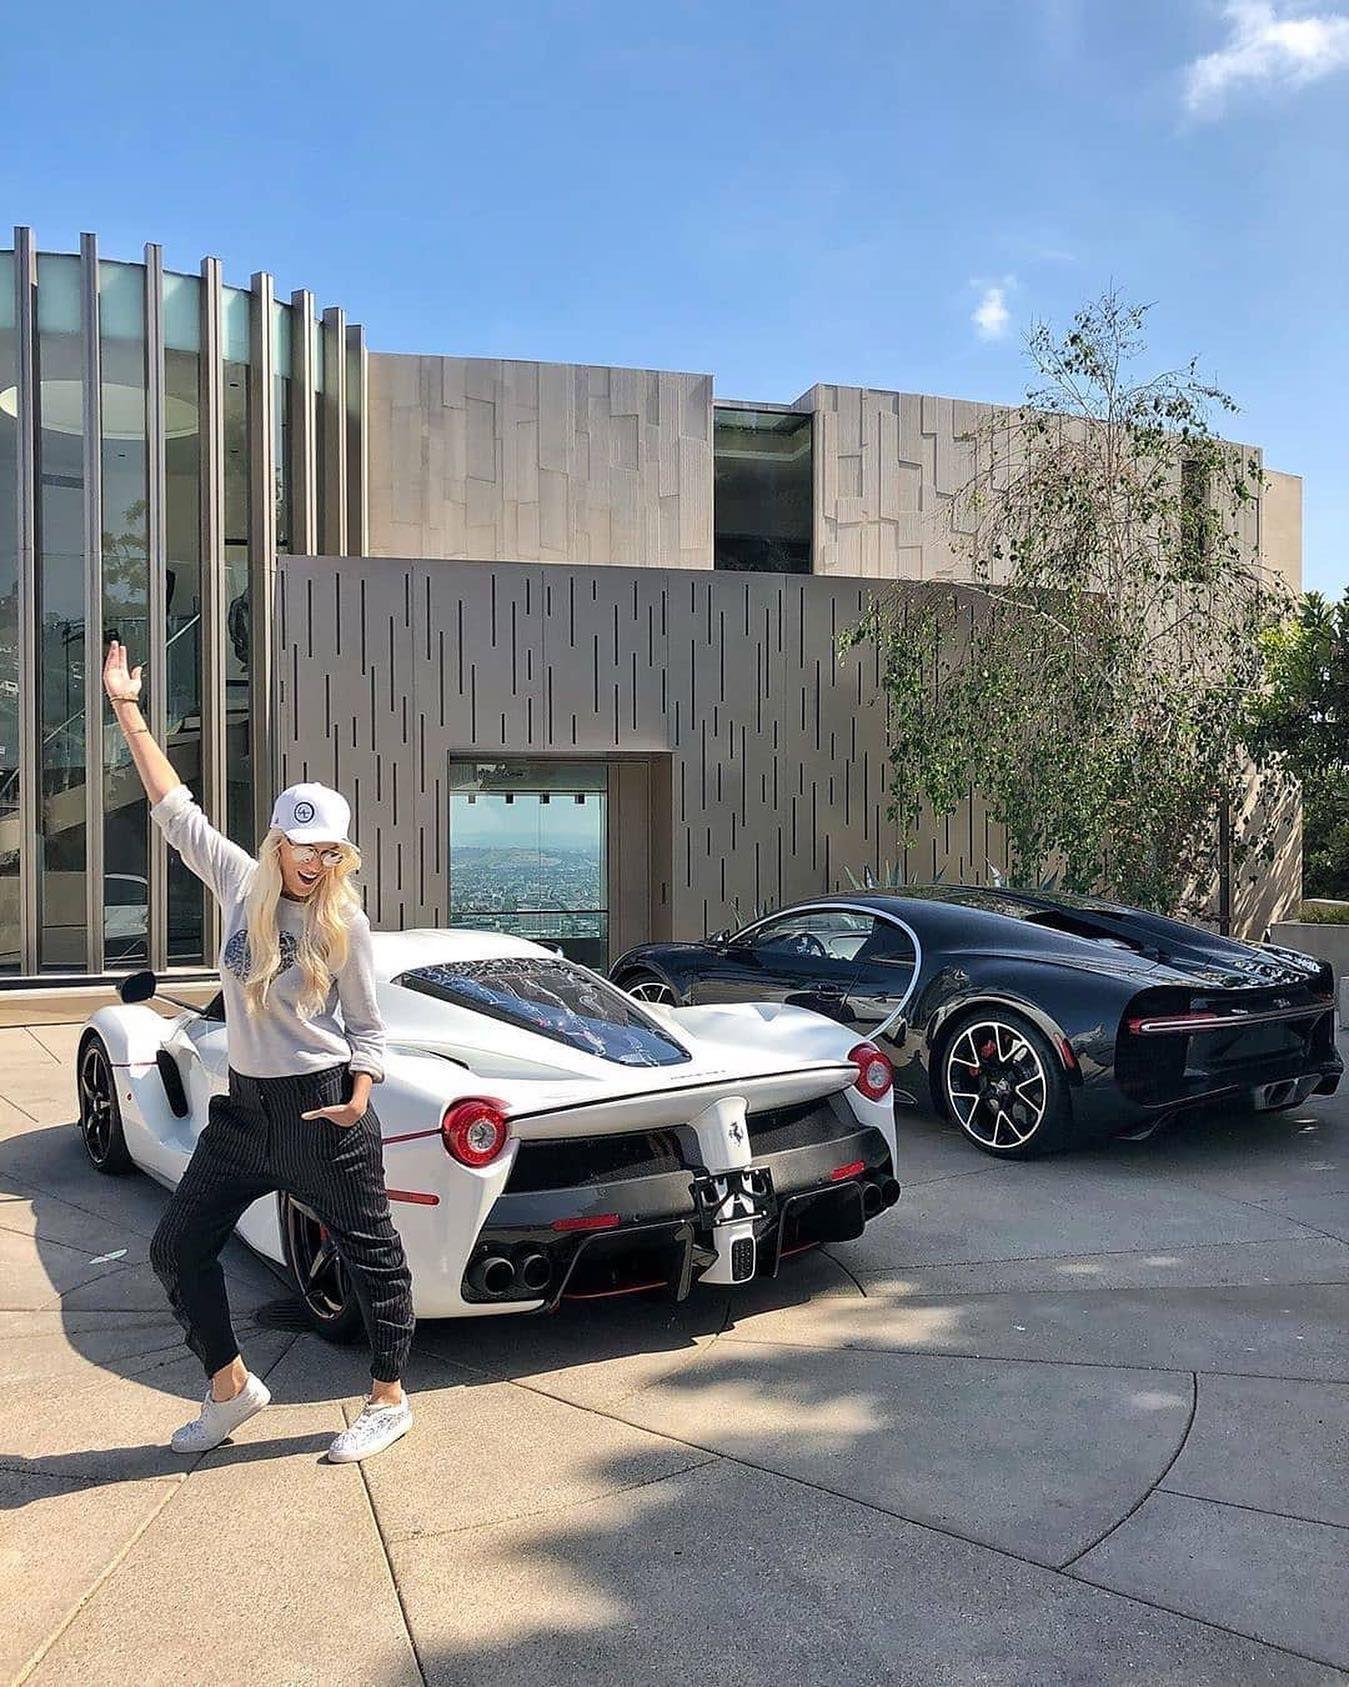 La Ferrari X Bugatti Like Our Content Press The Follow Button Aim4rich Aim4rich Aim4rich In 2020 La Ferrari Luxury Lifestyle Ferrari